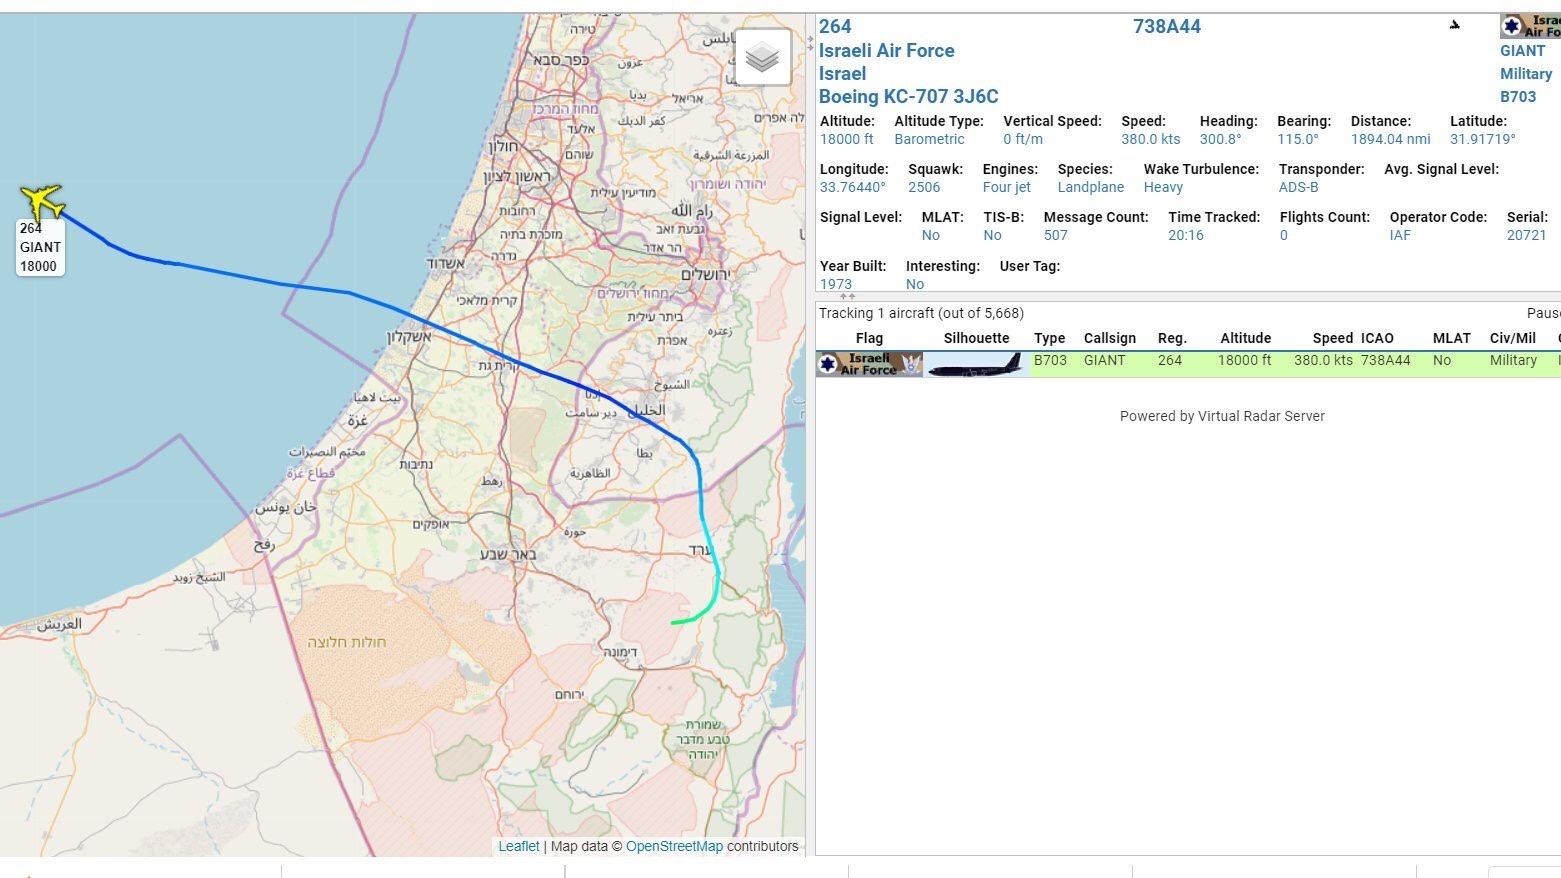 Έκτακτο – Ισραηλινά F-16 αυτή την στιγμή πάνω από το τουρκικό Γιαβούζ!